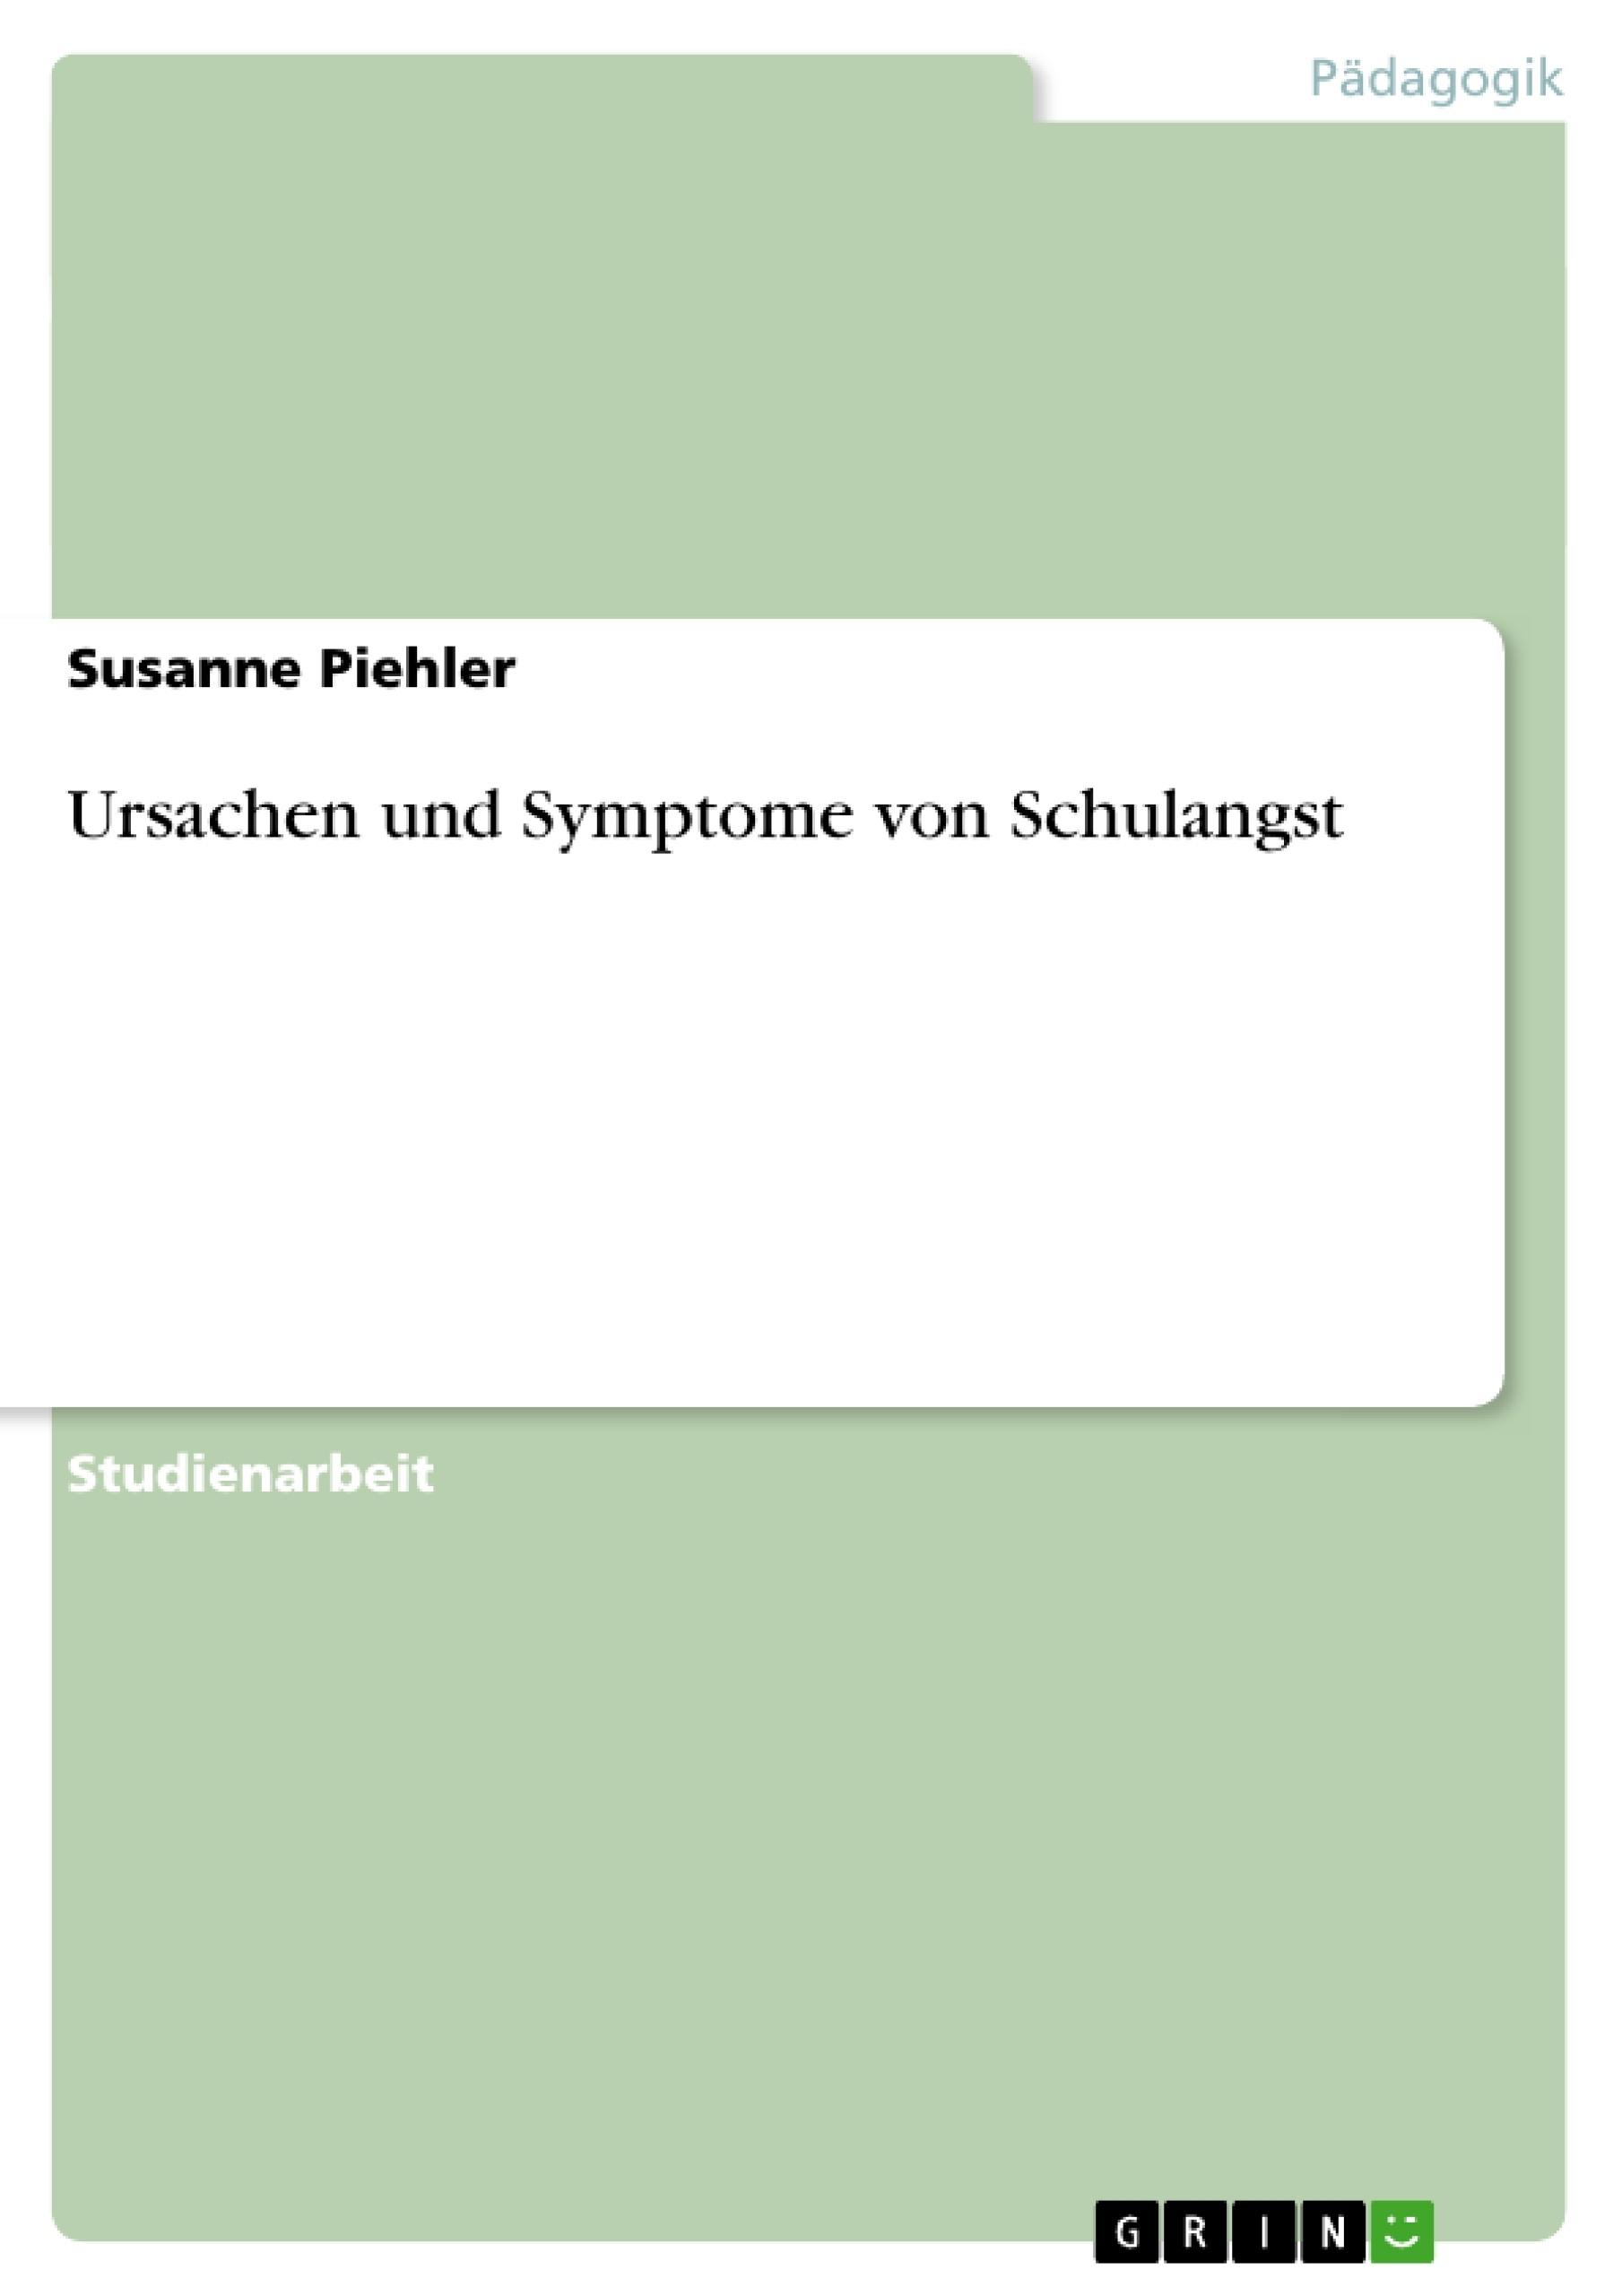 Titel: Ursachen und Symptome von Schulangst